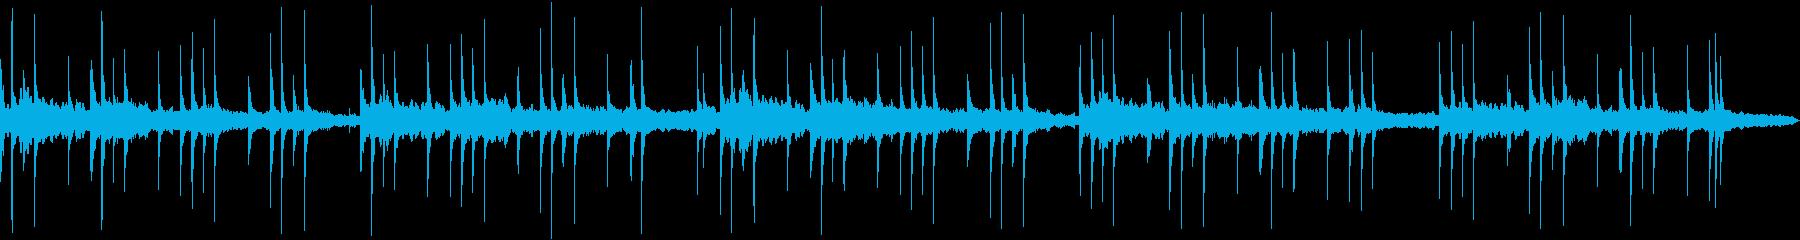 乾いた音の不気味な雰囲気のループ用楽曲の再生済みの波形